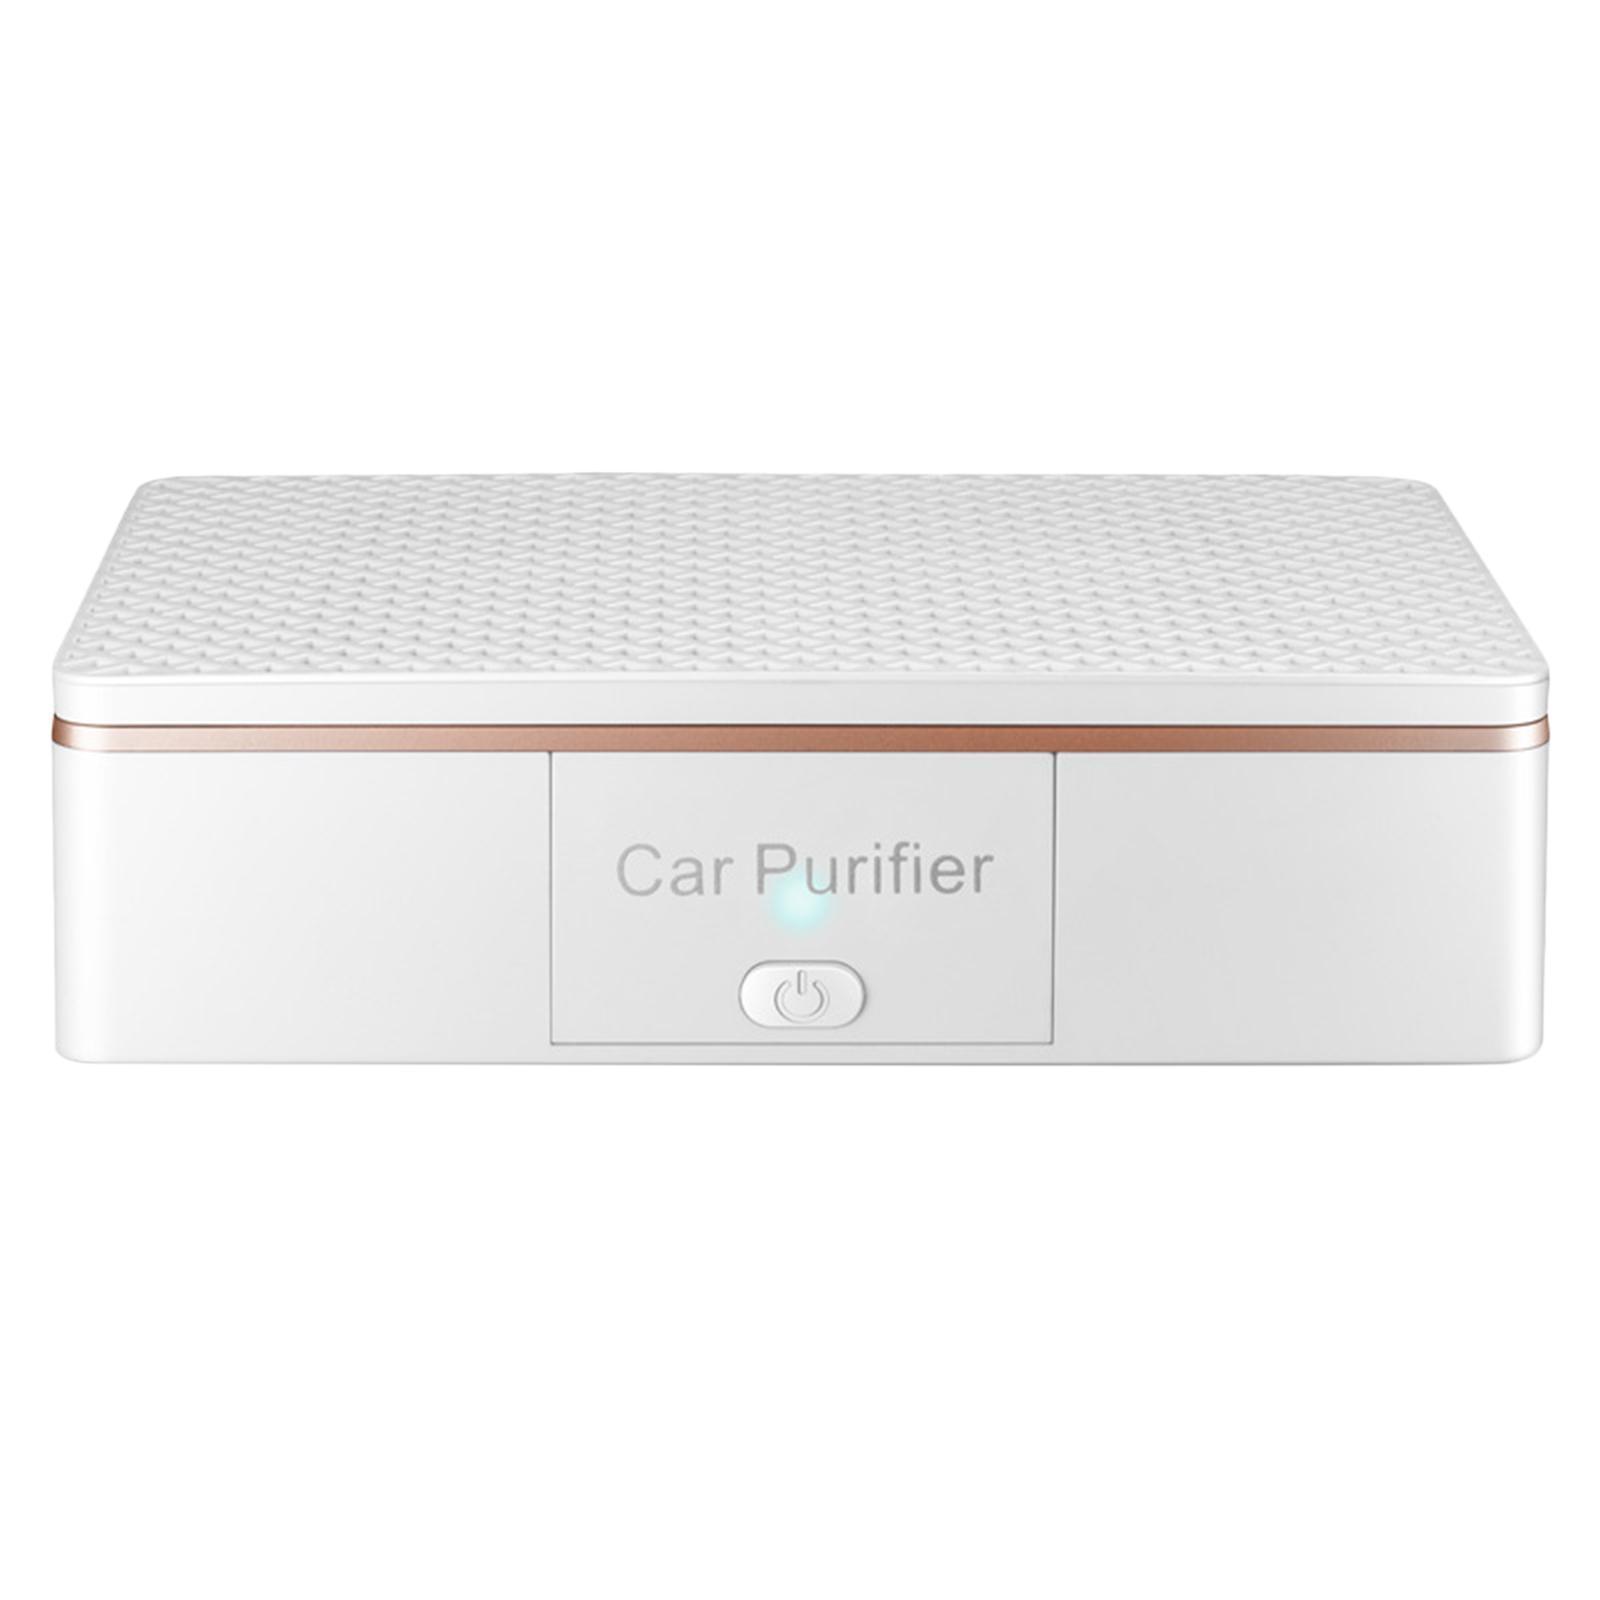 Indexbild 4 - Auto Air Purifier Luft Reiniger Deodorizer Ionisator für Home Office